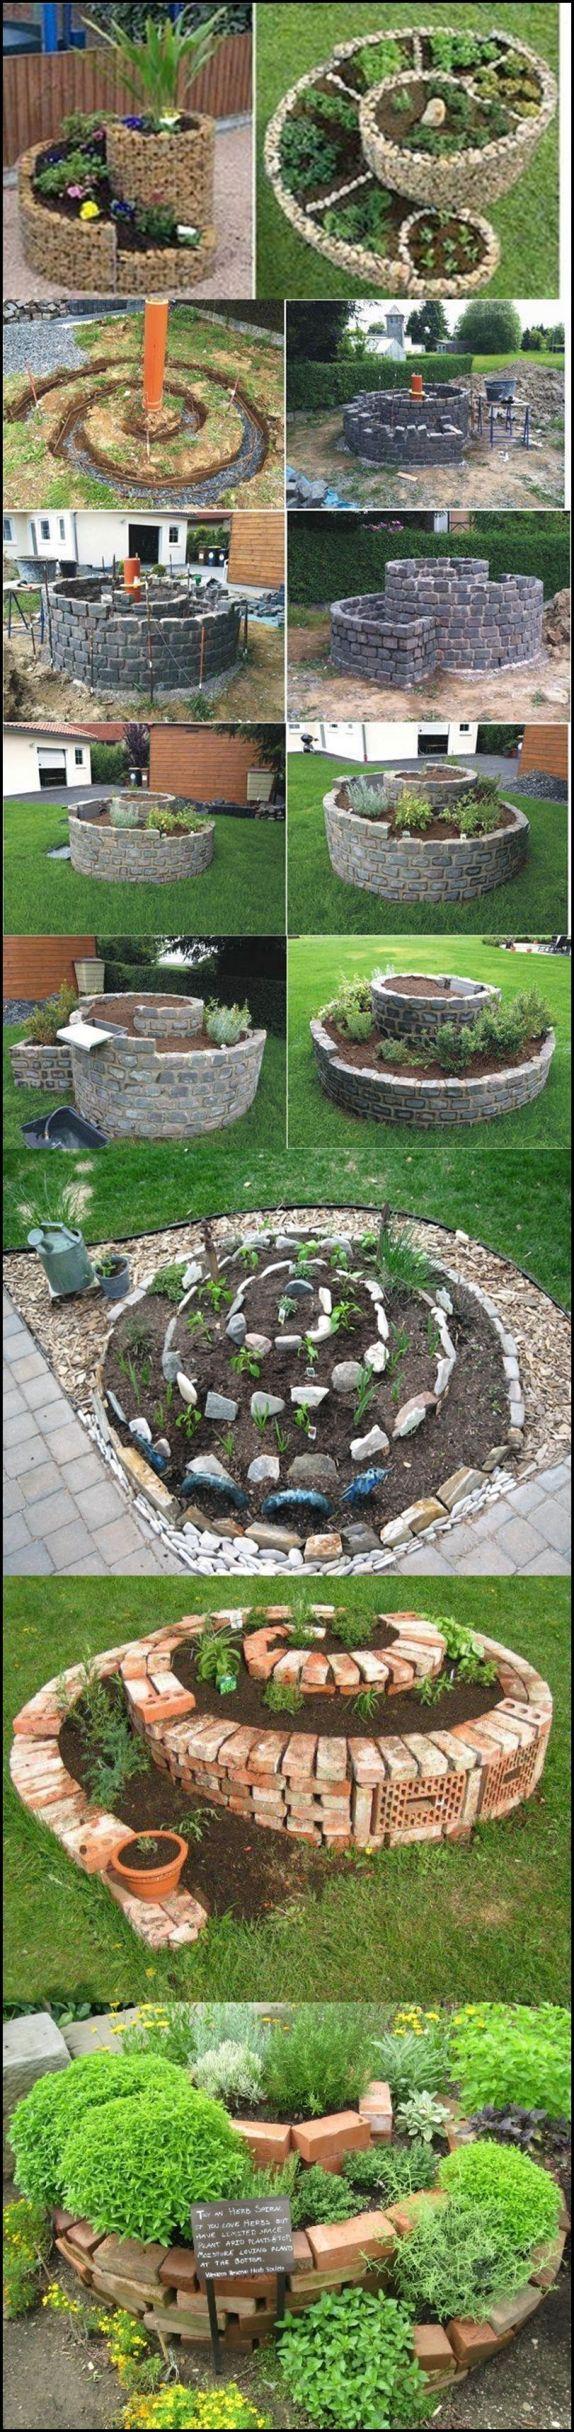 jardin espiral con plantas 3